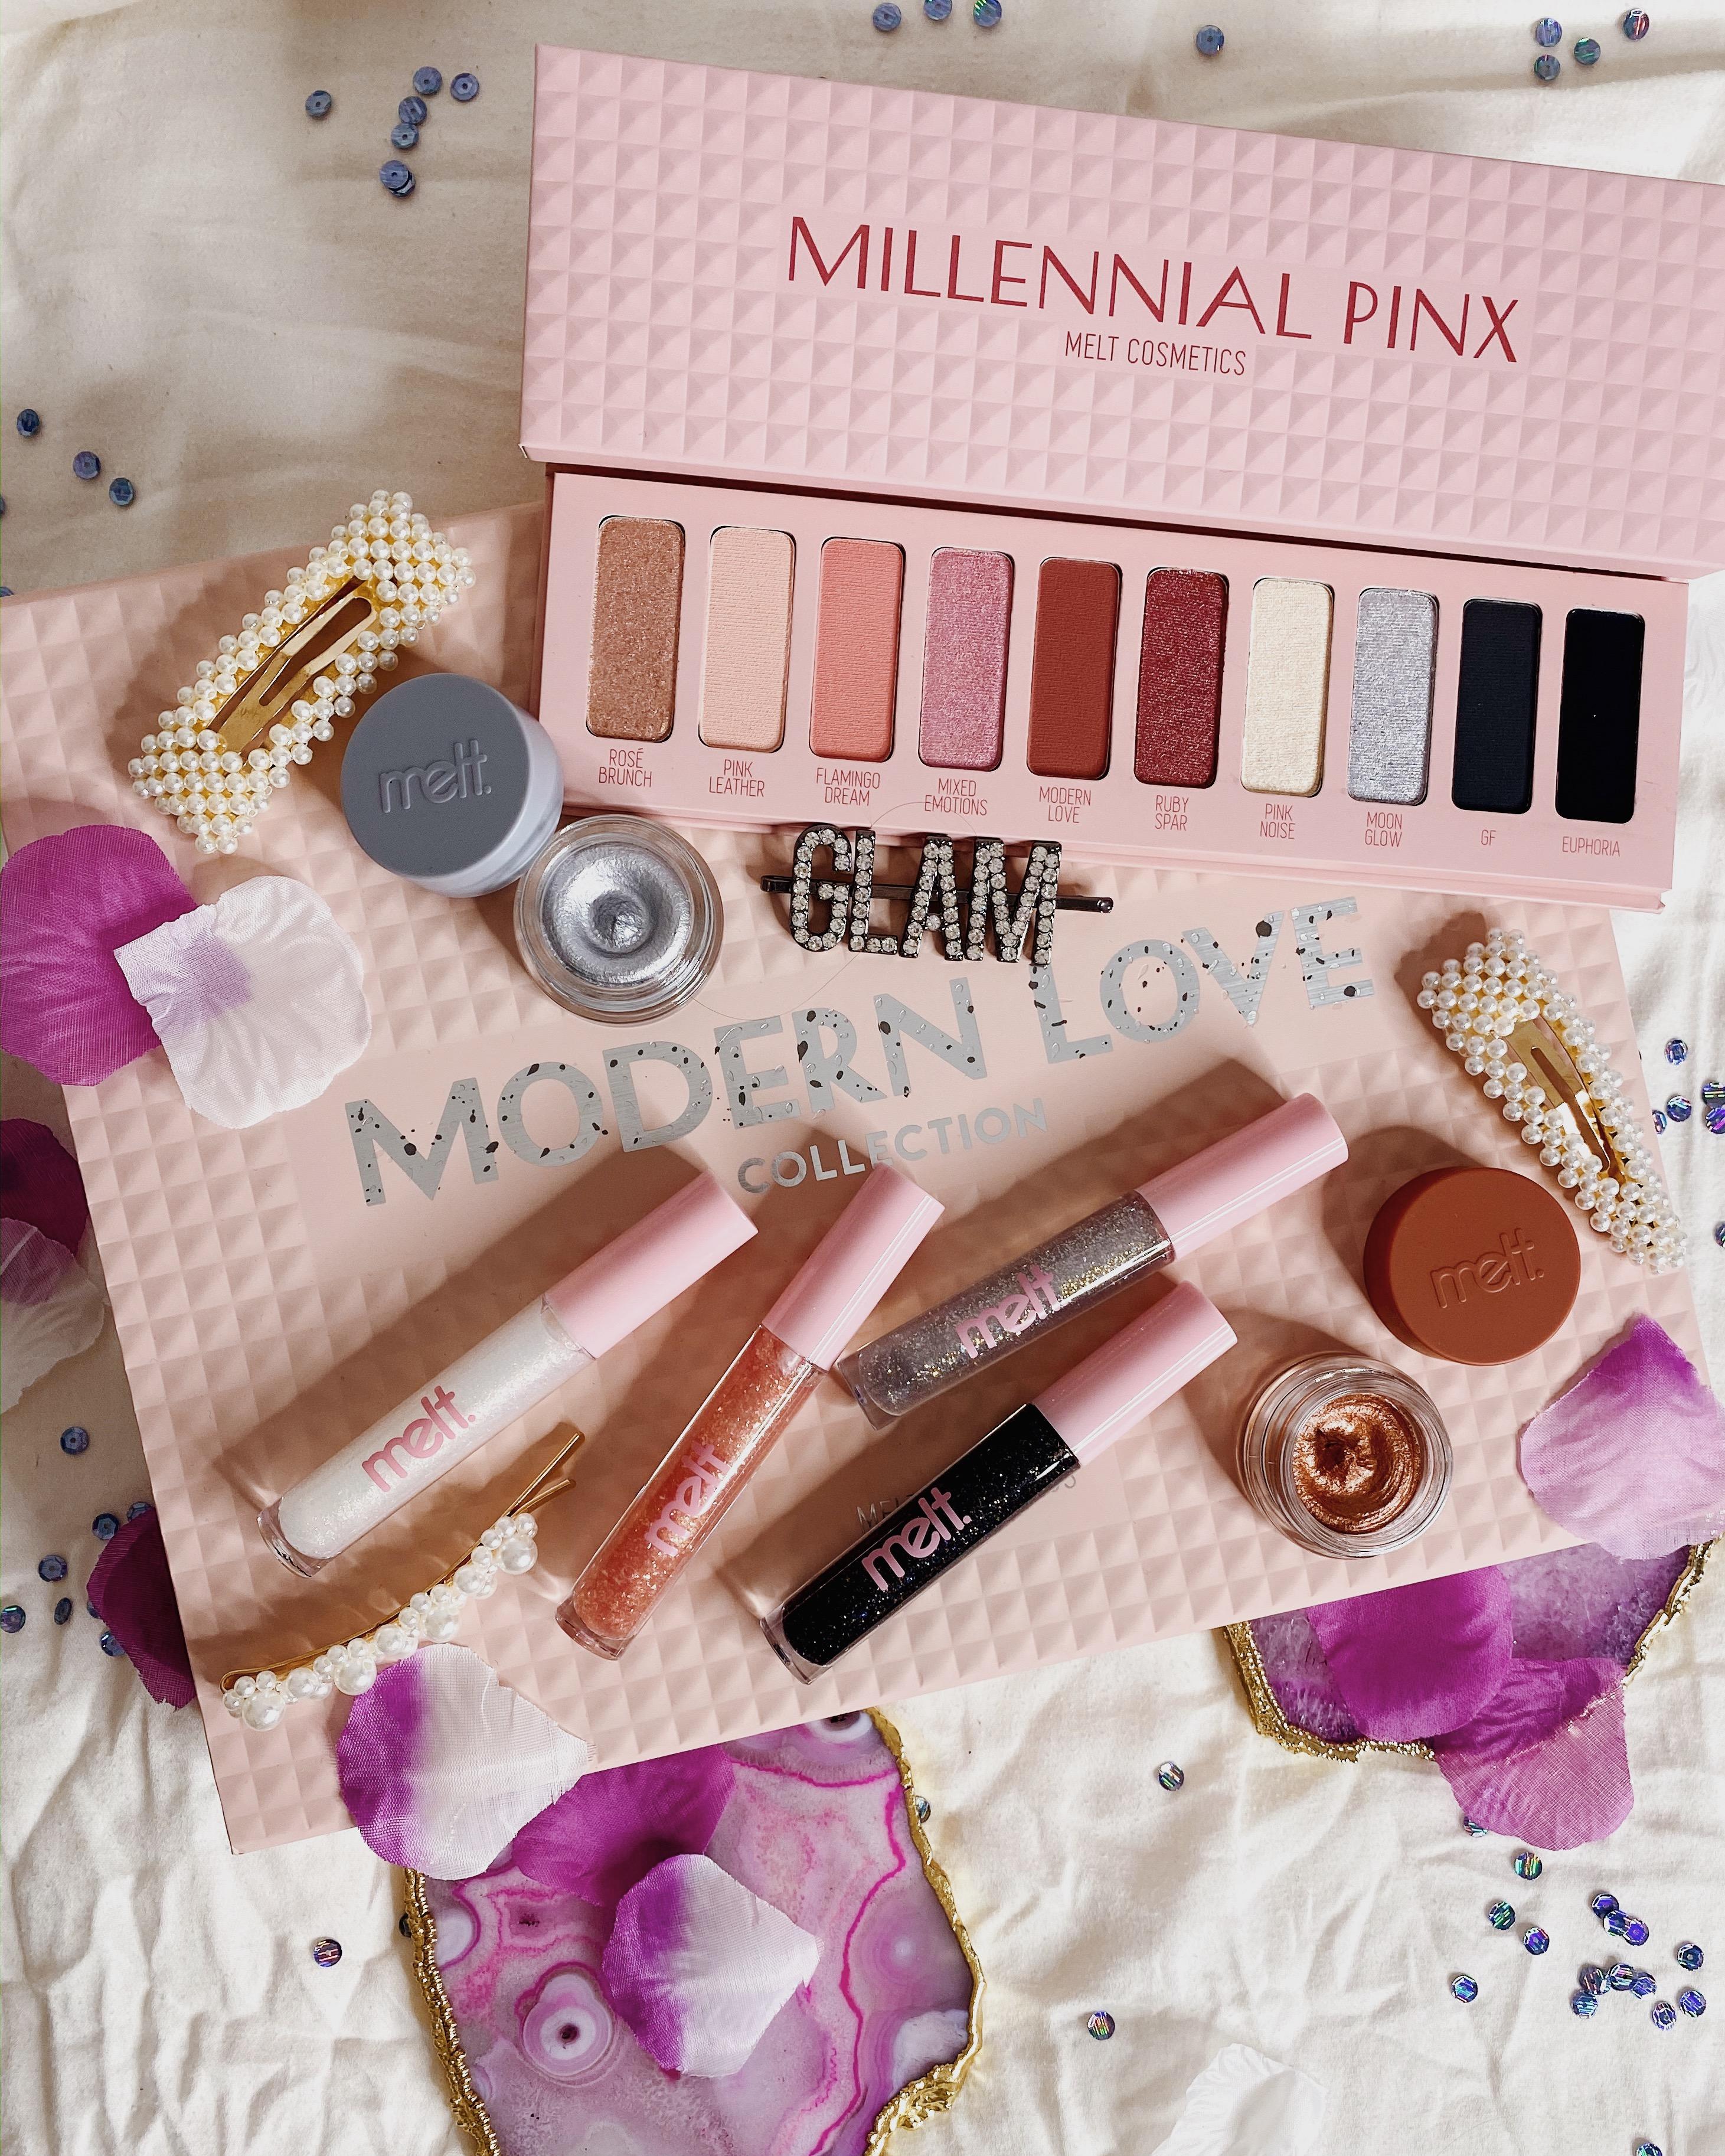 Melt Cosmetics Modern Love Collection | Melt Cosmetics Millennial Pinx Palette Review | Melt Cosmetics Millennial Pinx Palette Swatches | Melt Cosmetics Modern Love Review